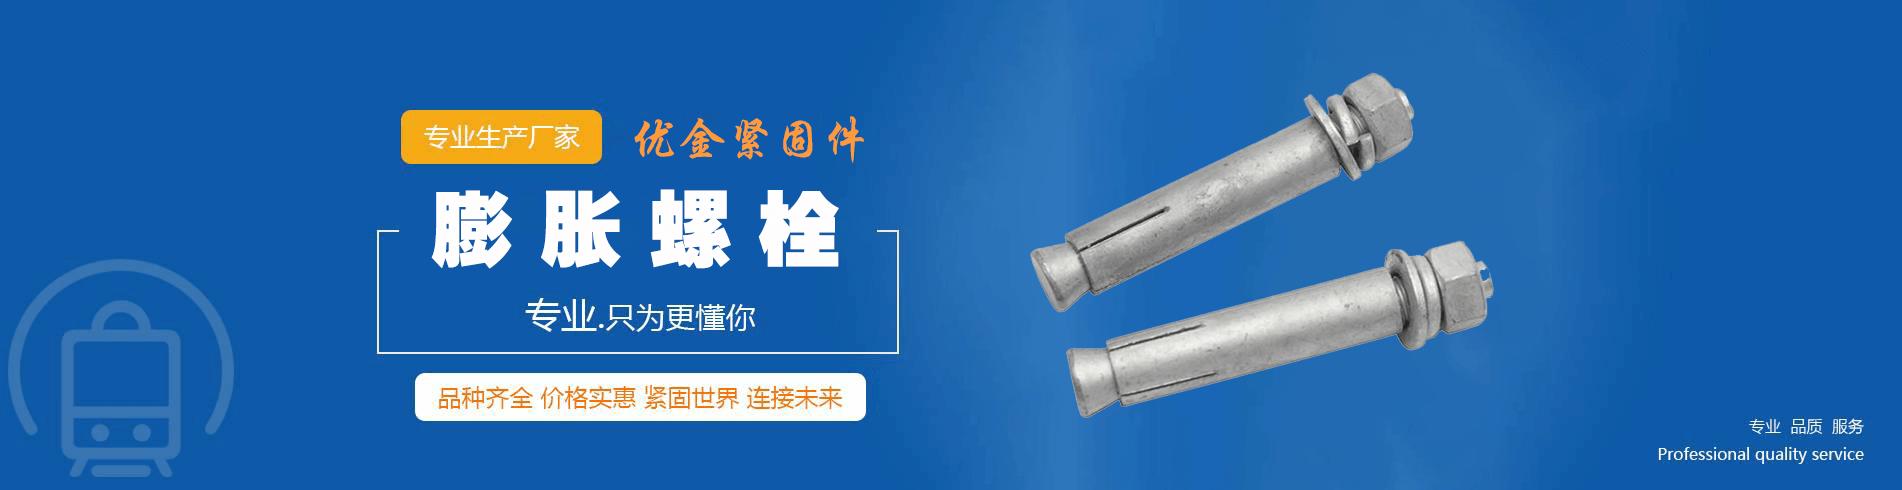 镀锌螺栓,热镀锌螺栓,U型螺栓,永年紧固件